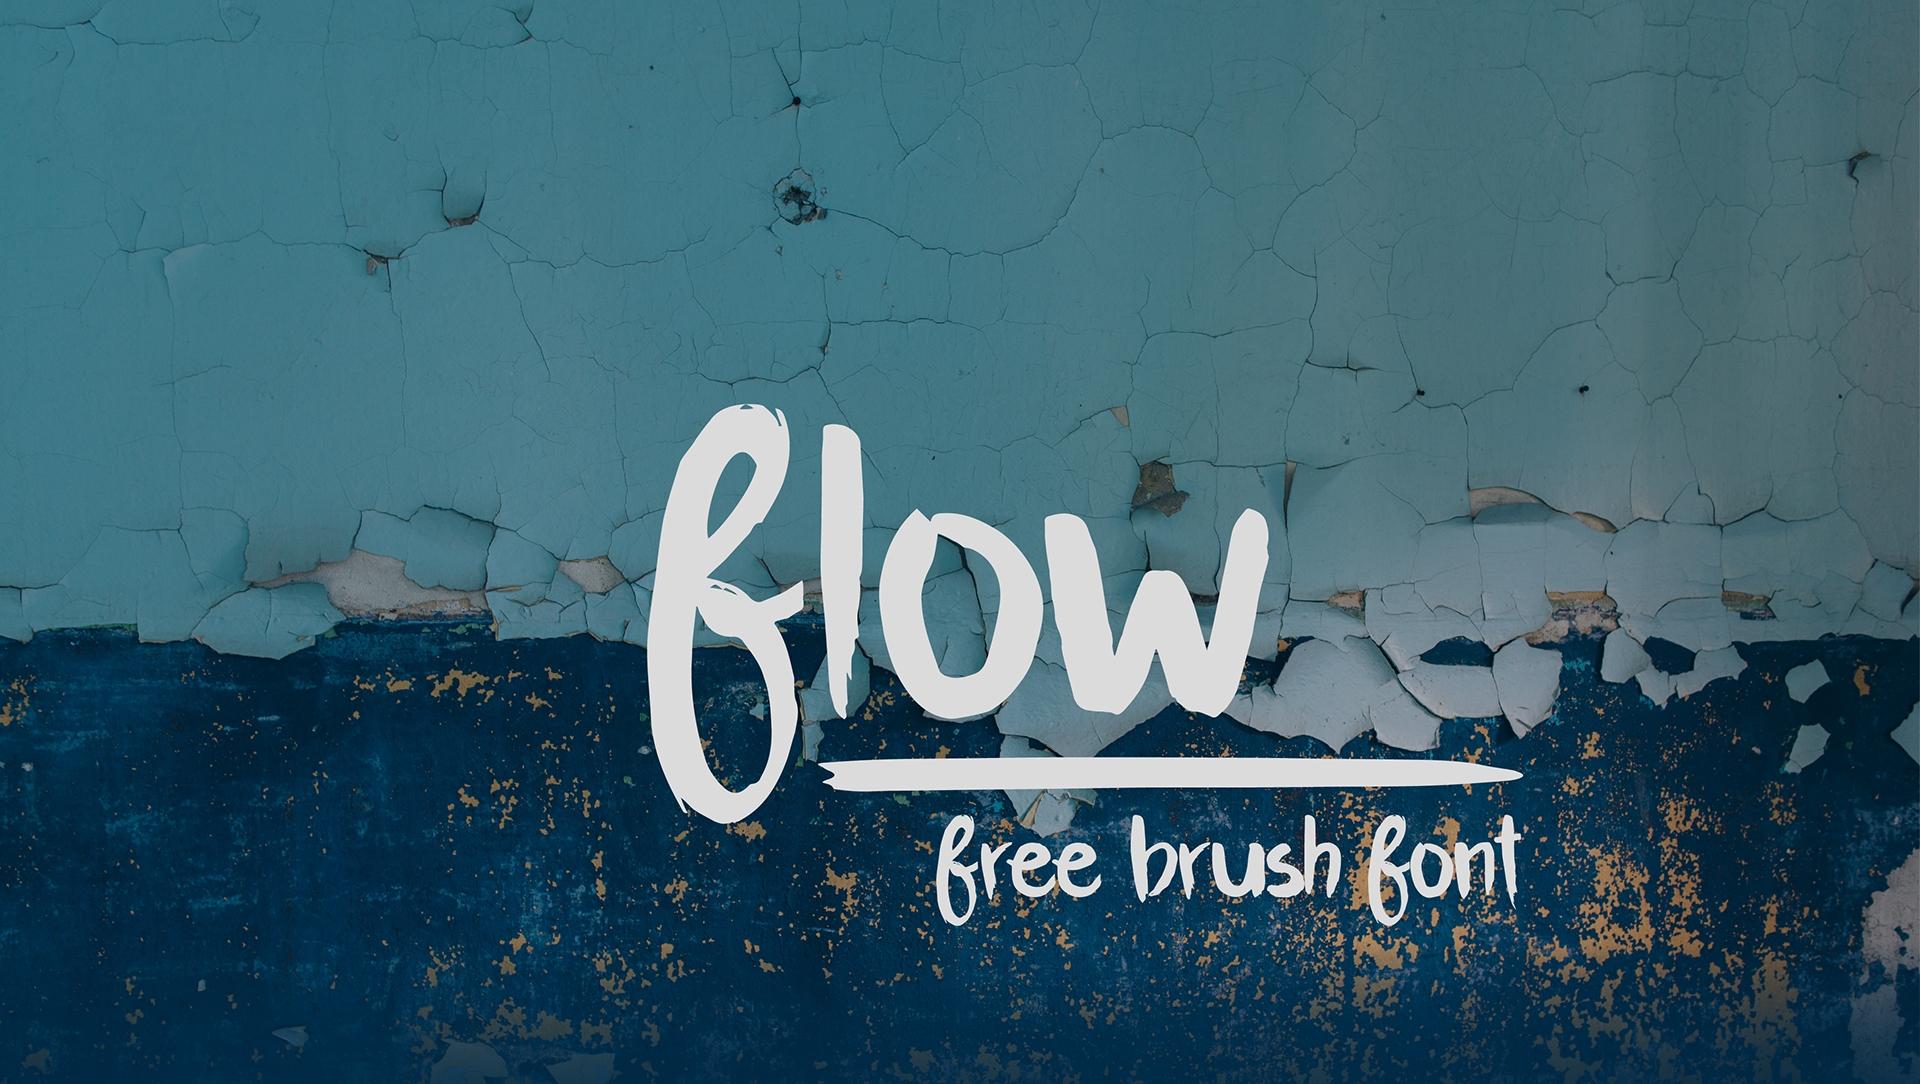 Flow free brush font